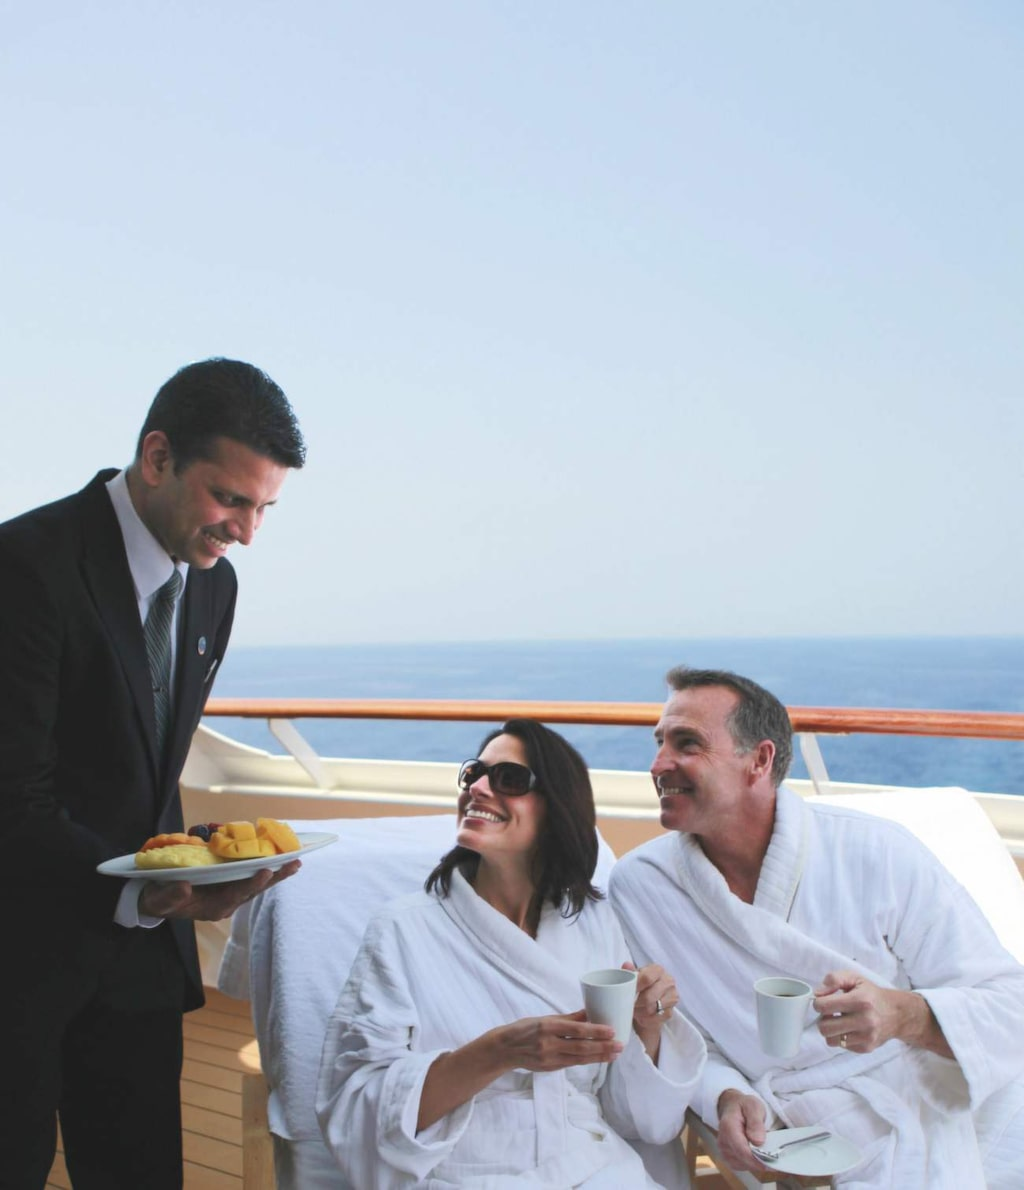 <p>Azamara Club Cruises. Frukost i hytten kan man bli serverad även om man inte bor i en svit.</p>